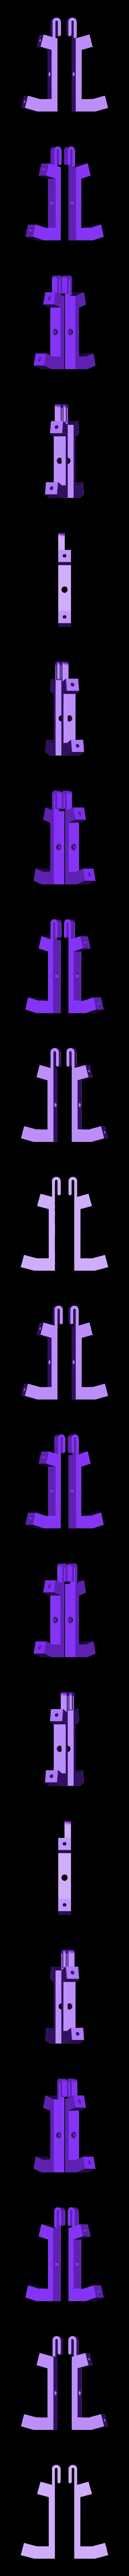 Display_Holder_v4.stl Télécharger fichier STL gratuit Support de présentoir (crochets) • Design pour impression 3D, Tramgonce